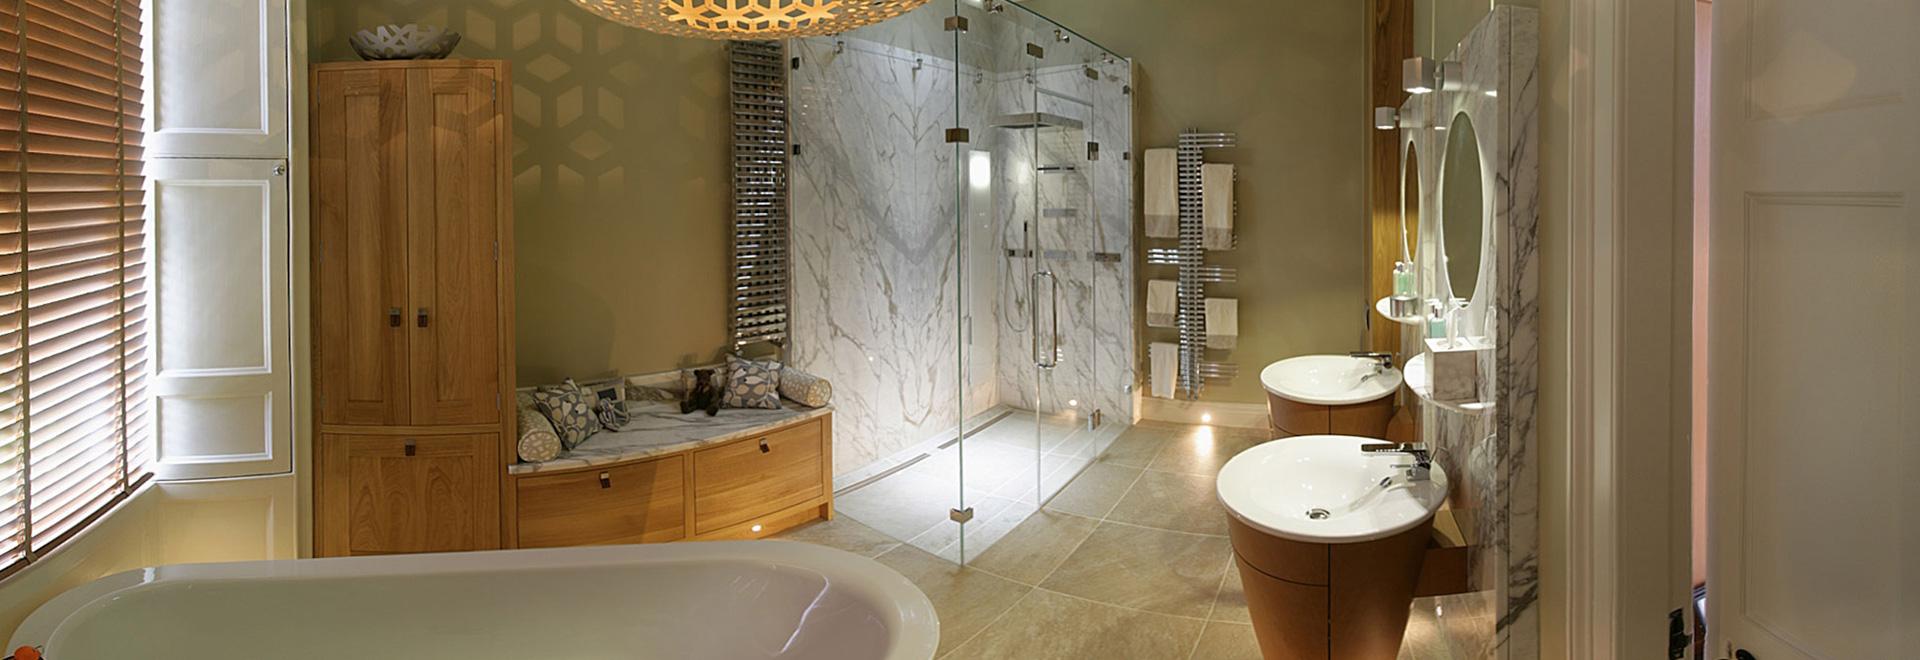 Ales Marble Banyo , Lavabo Uygulaması